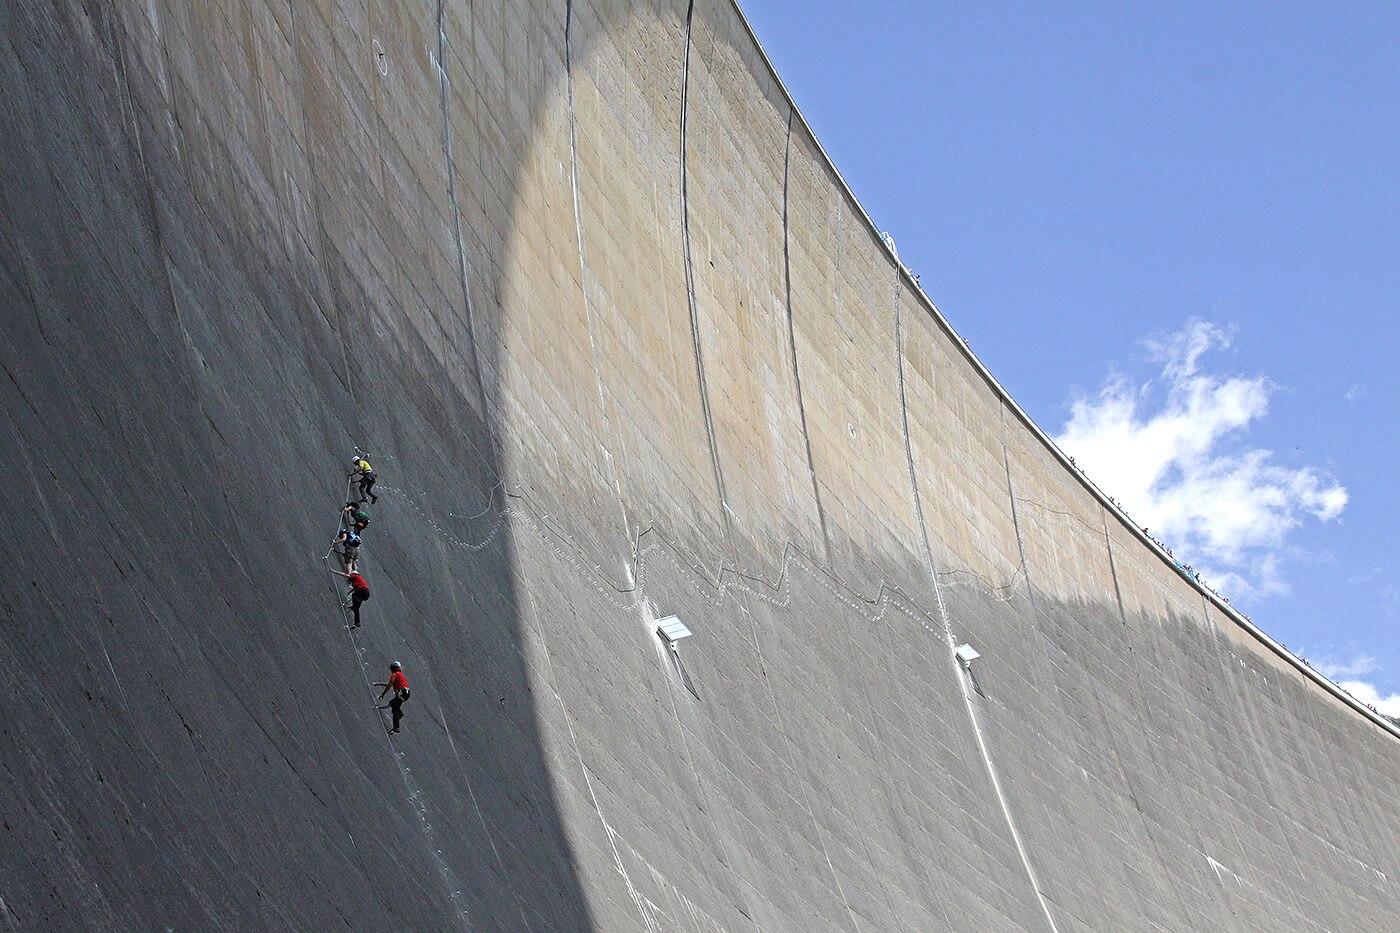 Klettersteig Set Leihen Berchtesgaden : Verleih der klettersteigausrüstung an staumauer